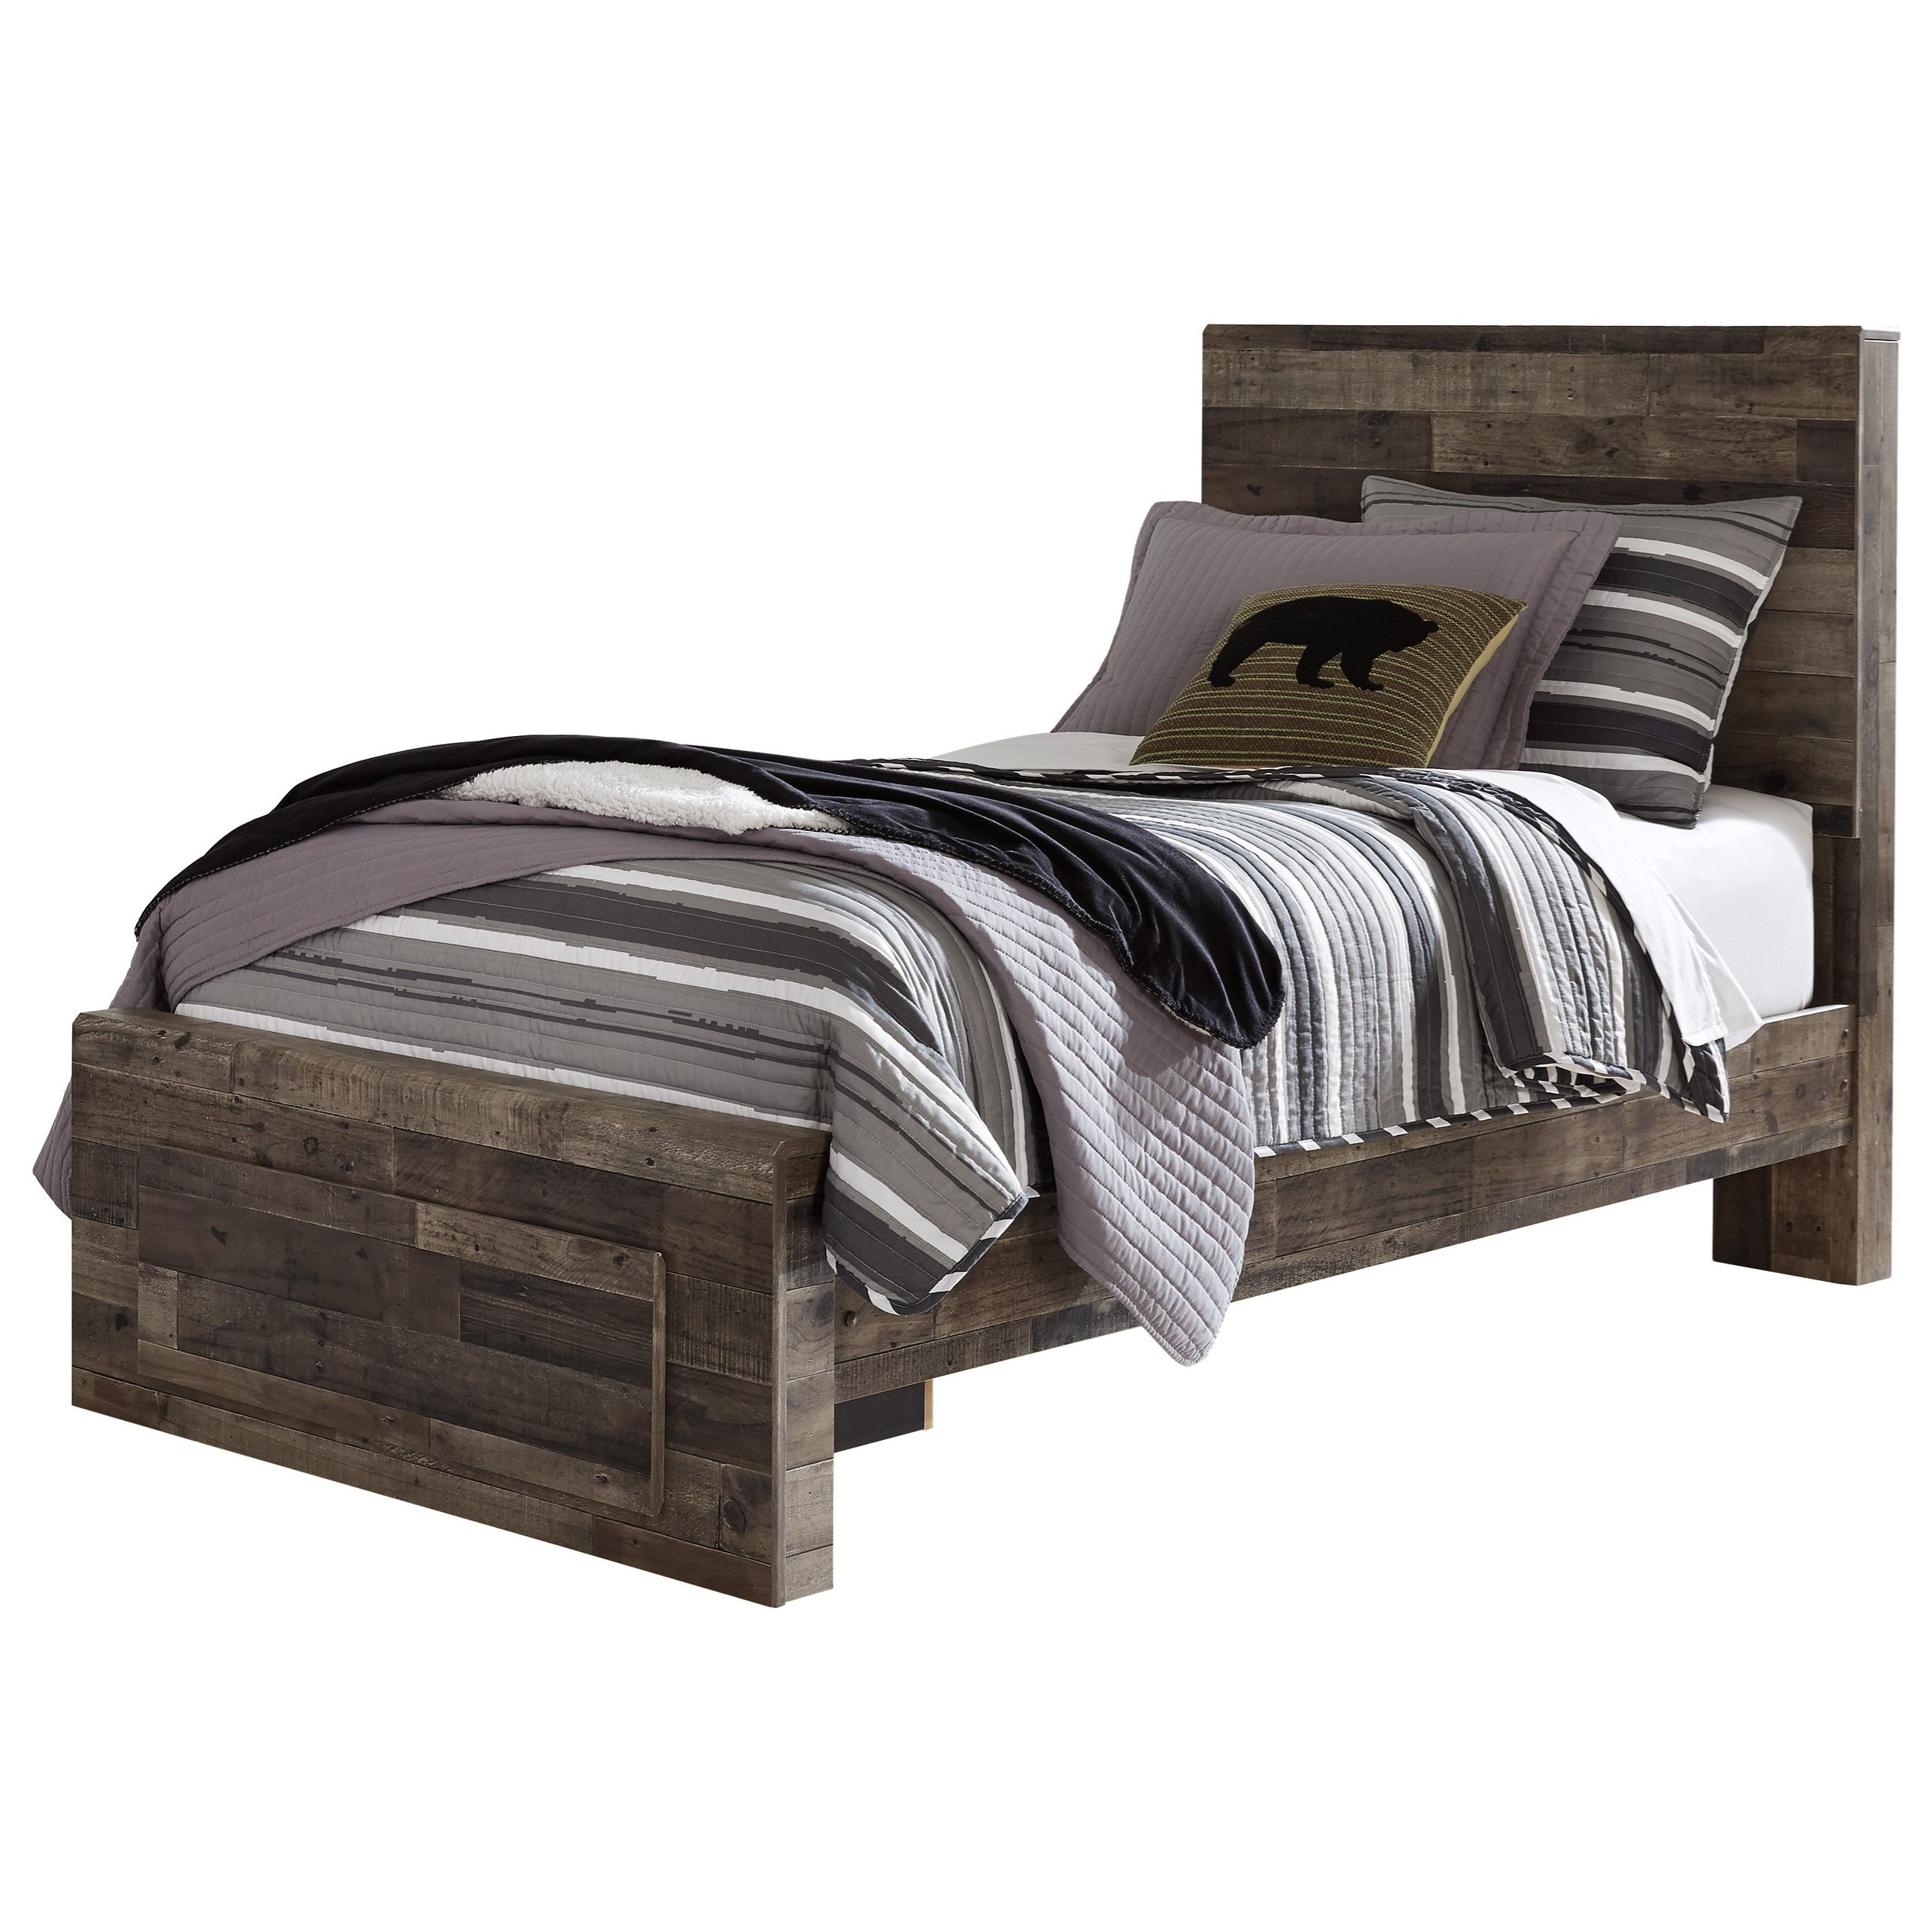 Derekson Twin Storage Bed by Benchcraft at Johnny Janosik